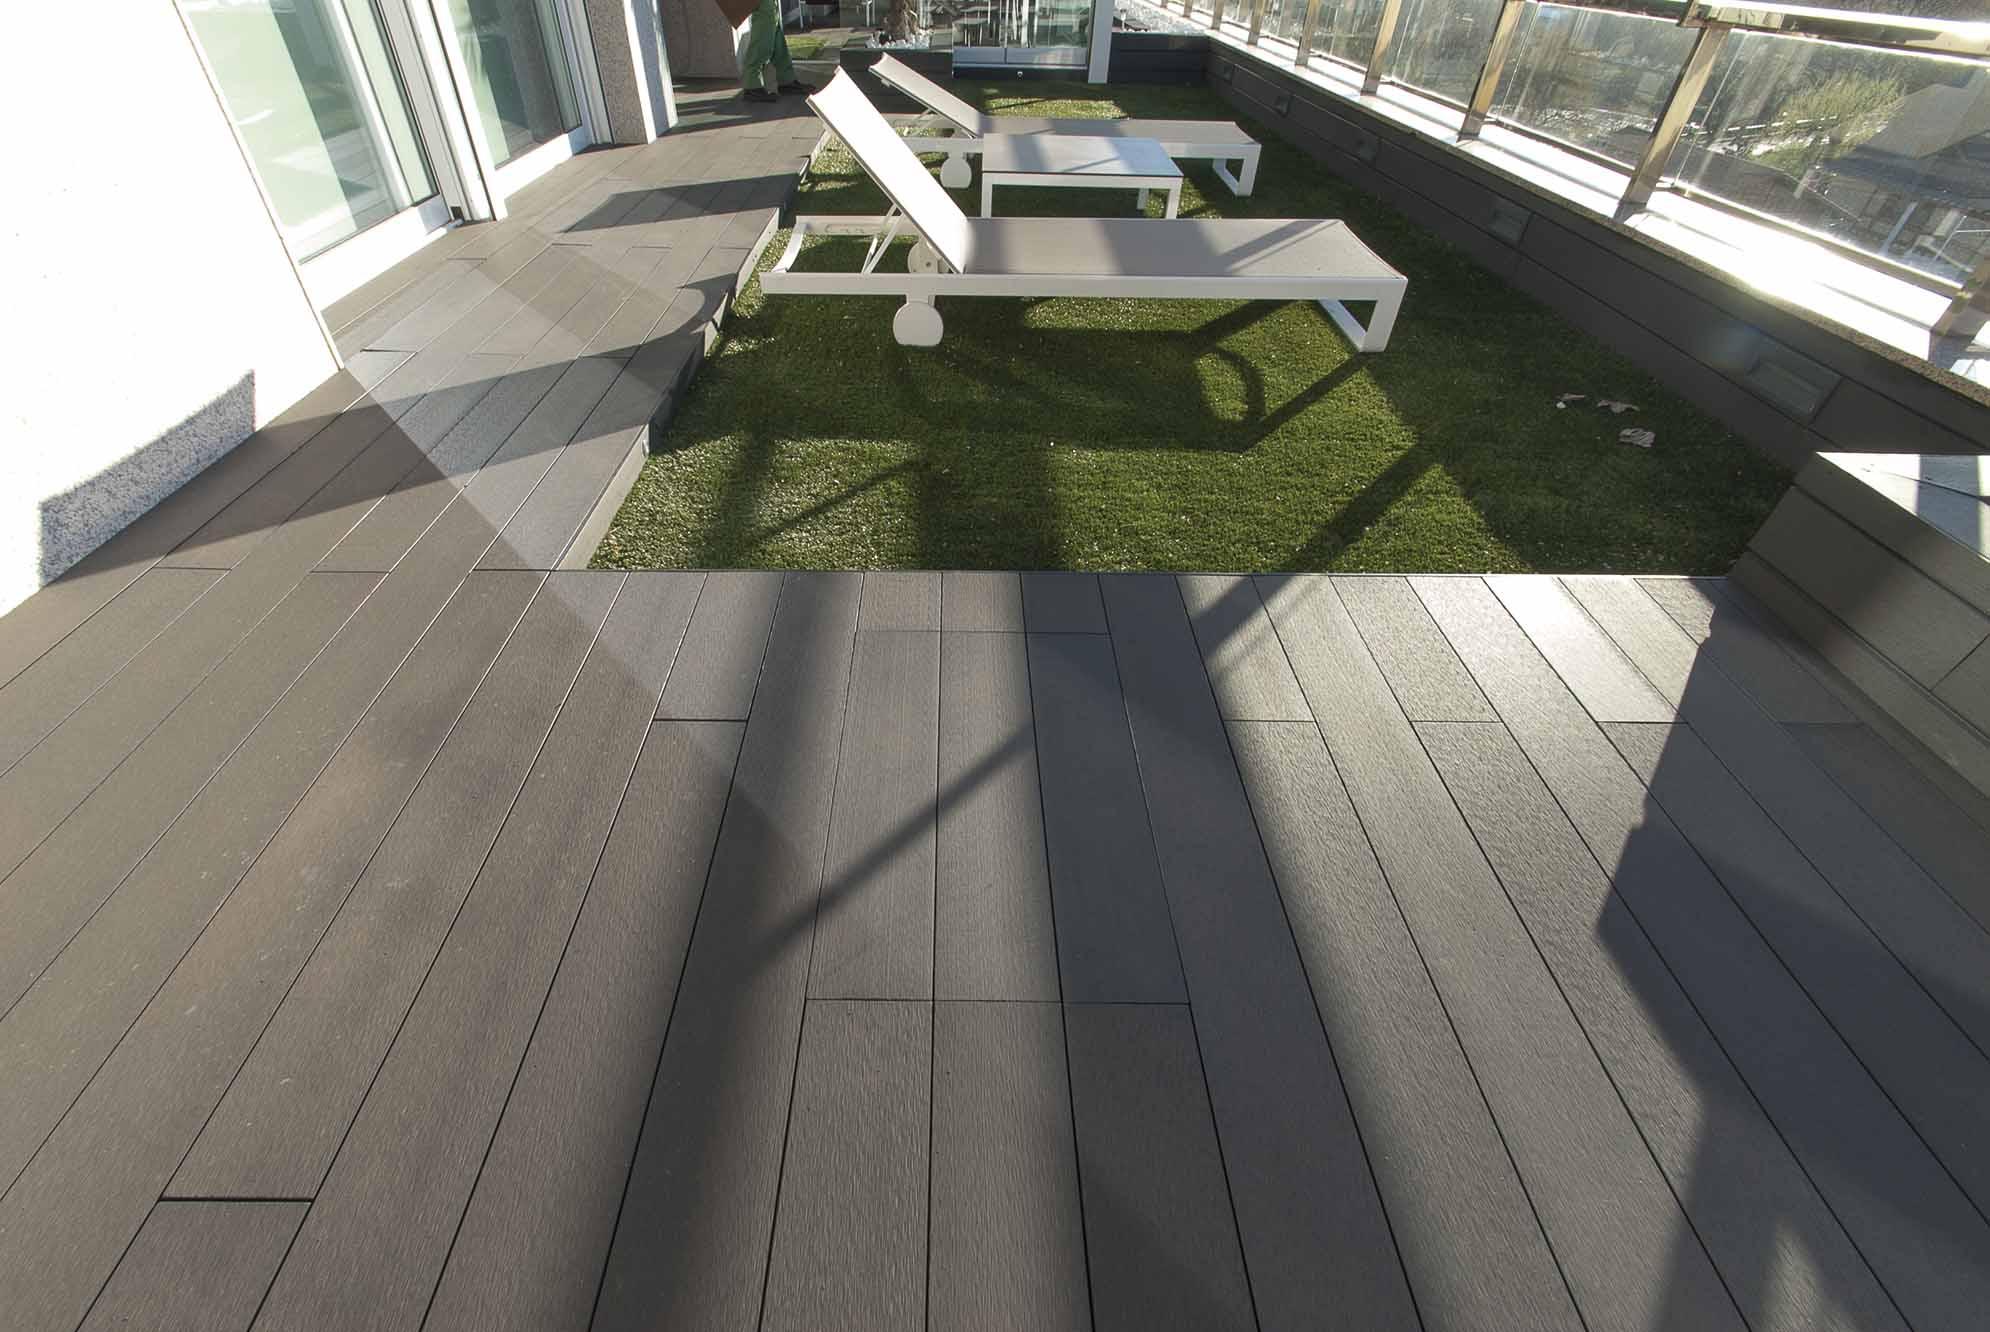 Jardín moderno en la terraza de ático